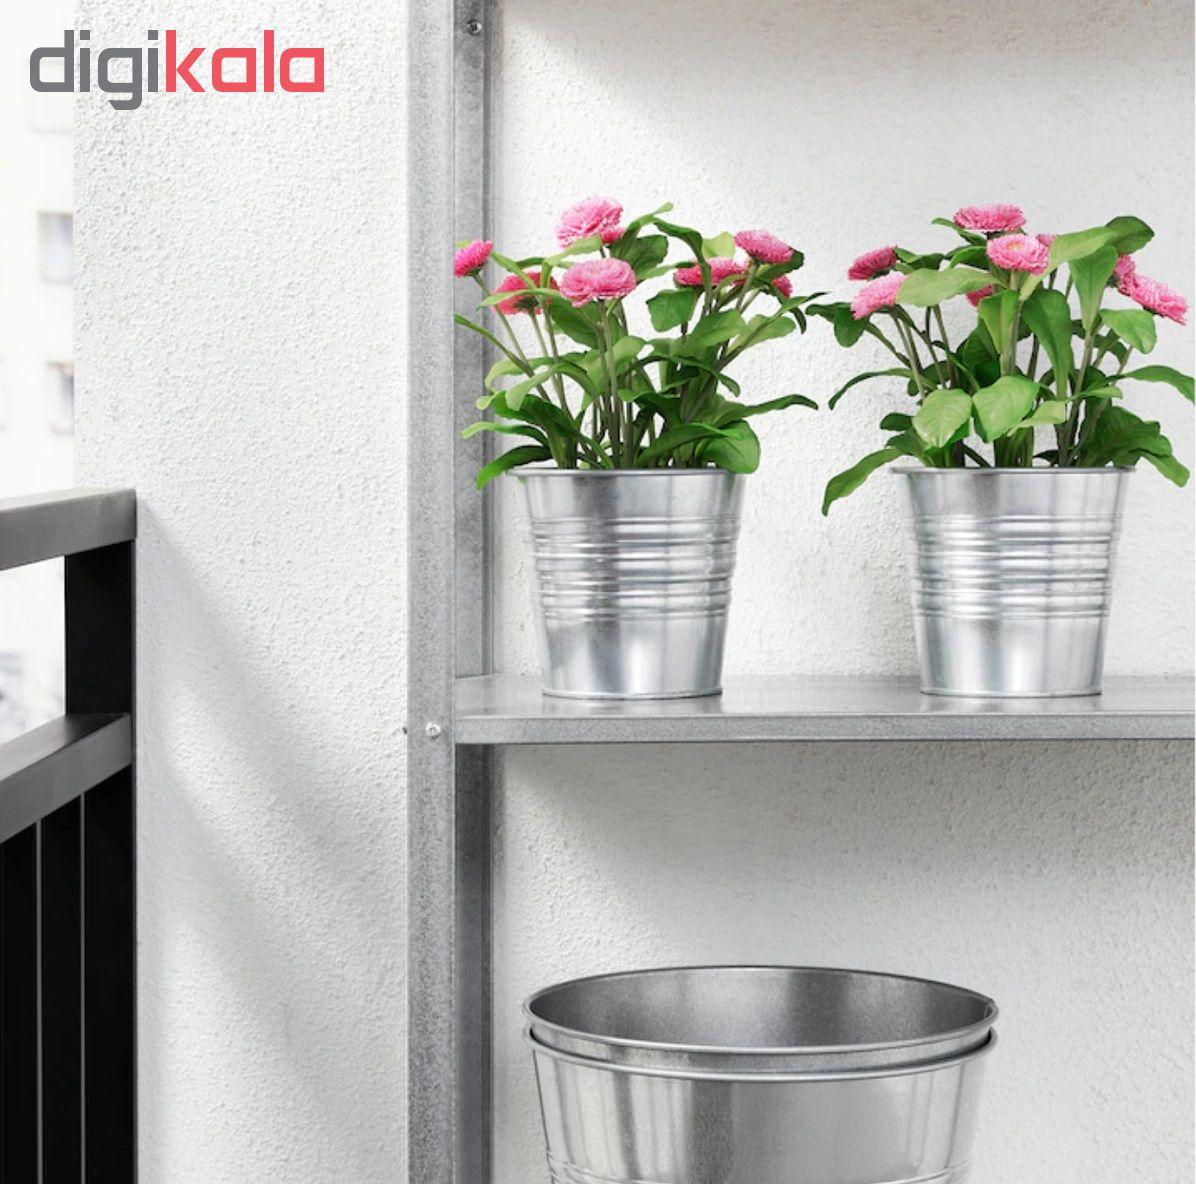 گلدان با گل مصنوعی ایکیا مدل Fejka 70234147  main 1 3